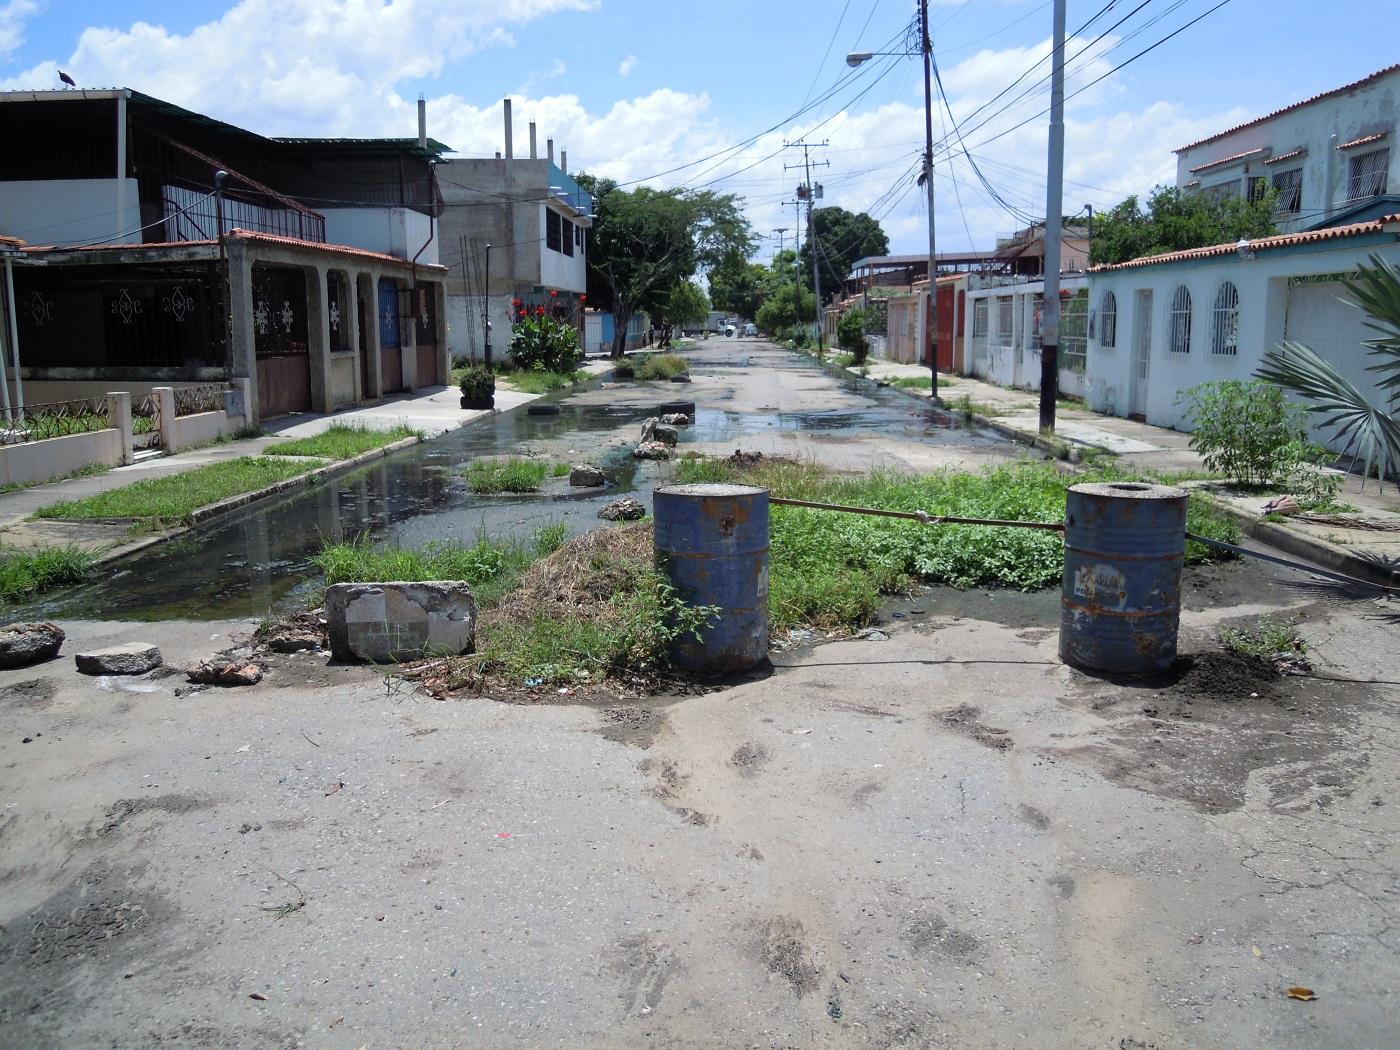 Aguas negras en la Fundación Mendoza - Aguas negras en la Fundación Mendoza